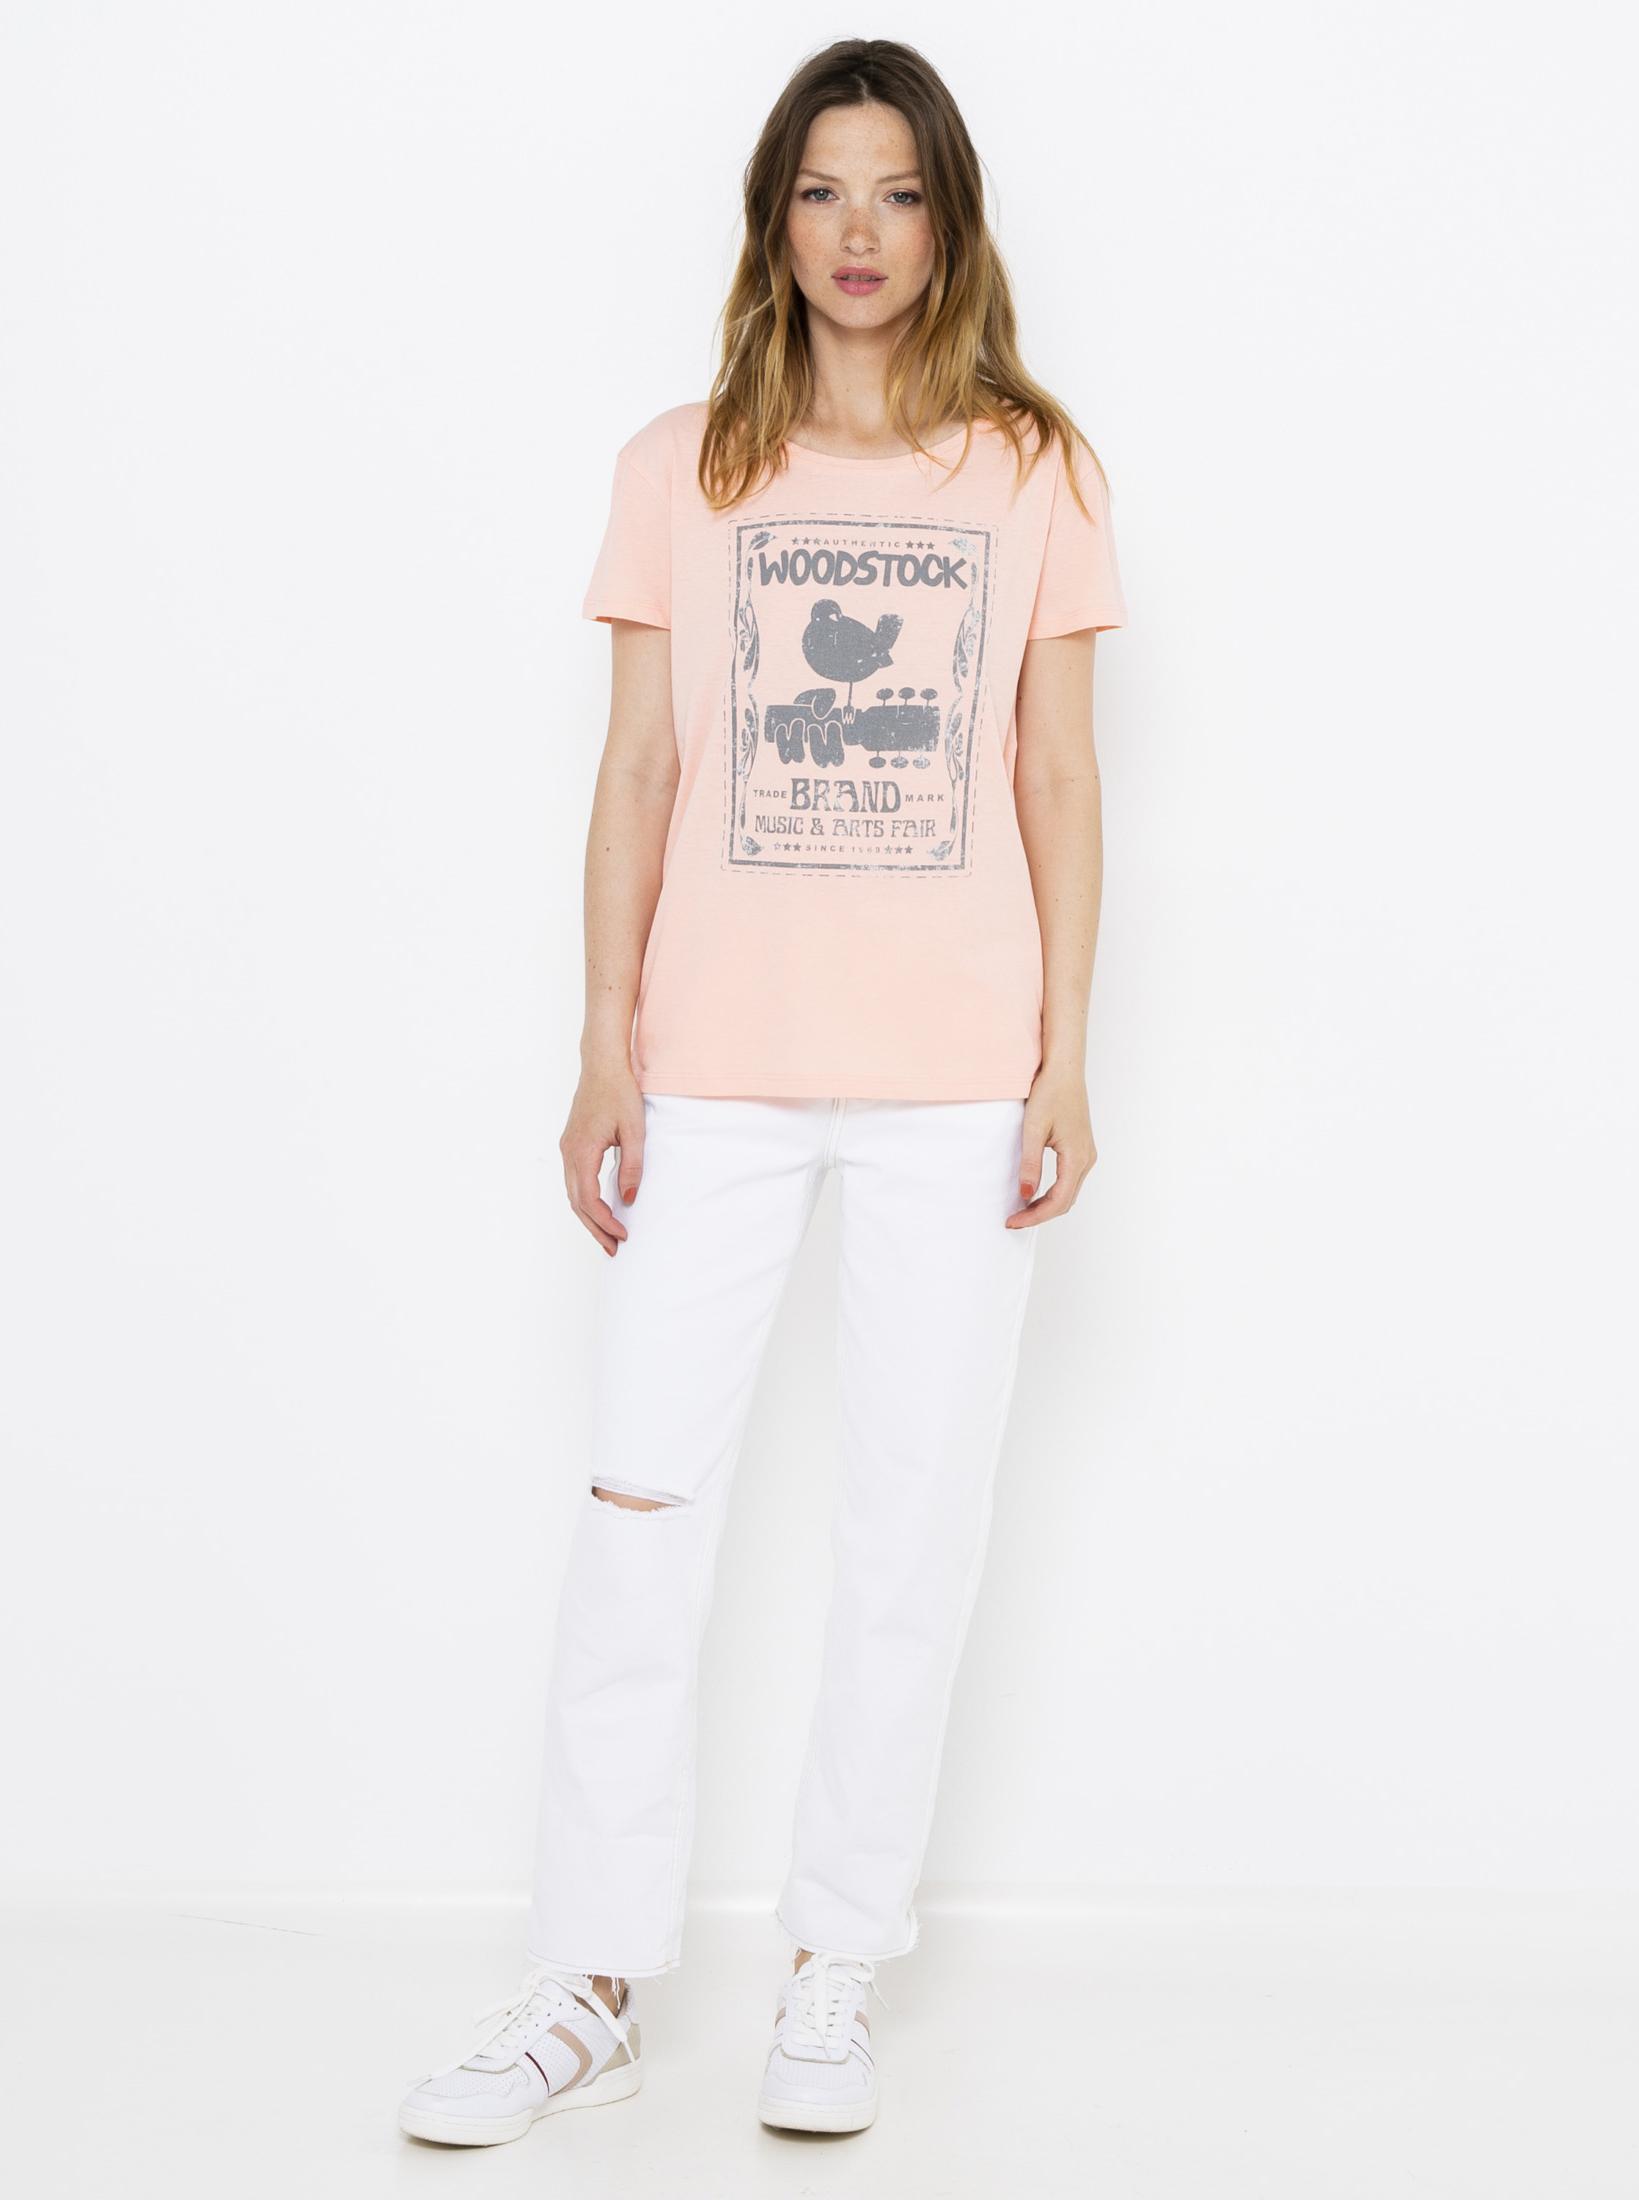 CAMAIEU Women's t-shirt